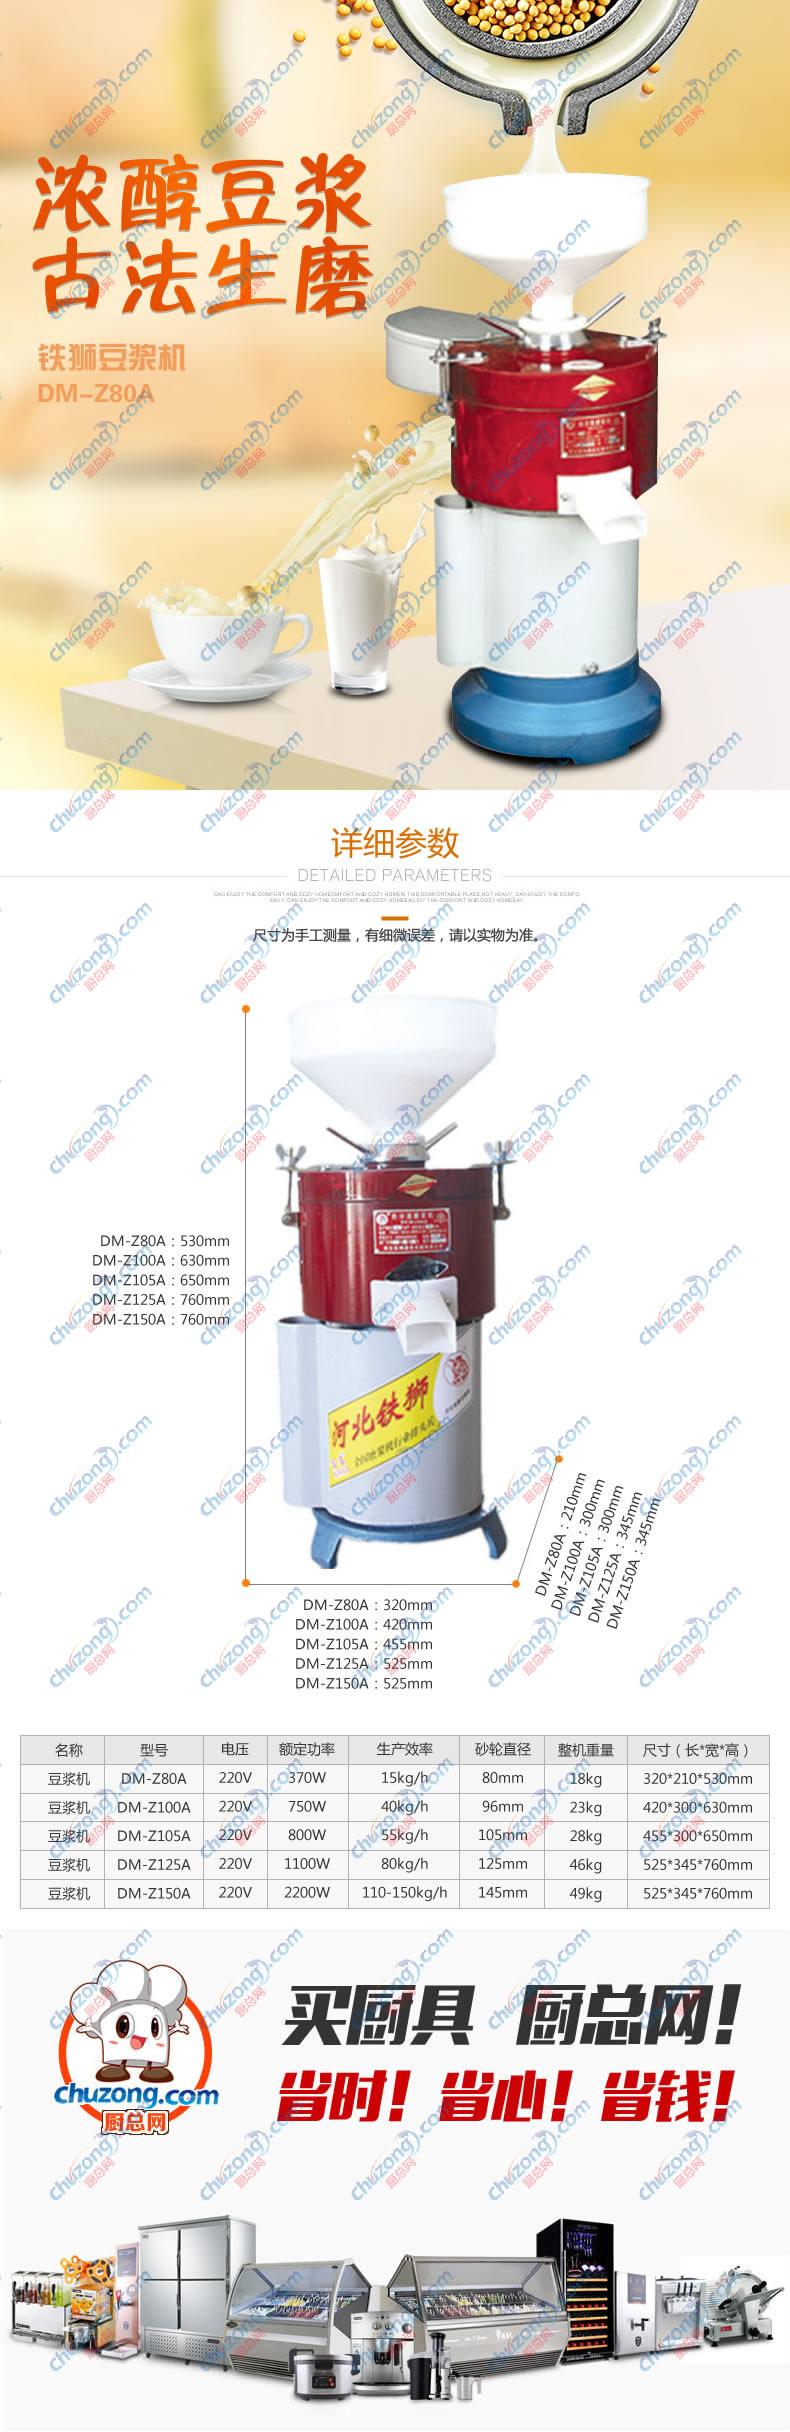 鐵獅豆漿機DM-Z80A圖片